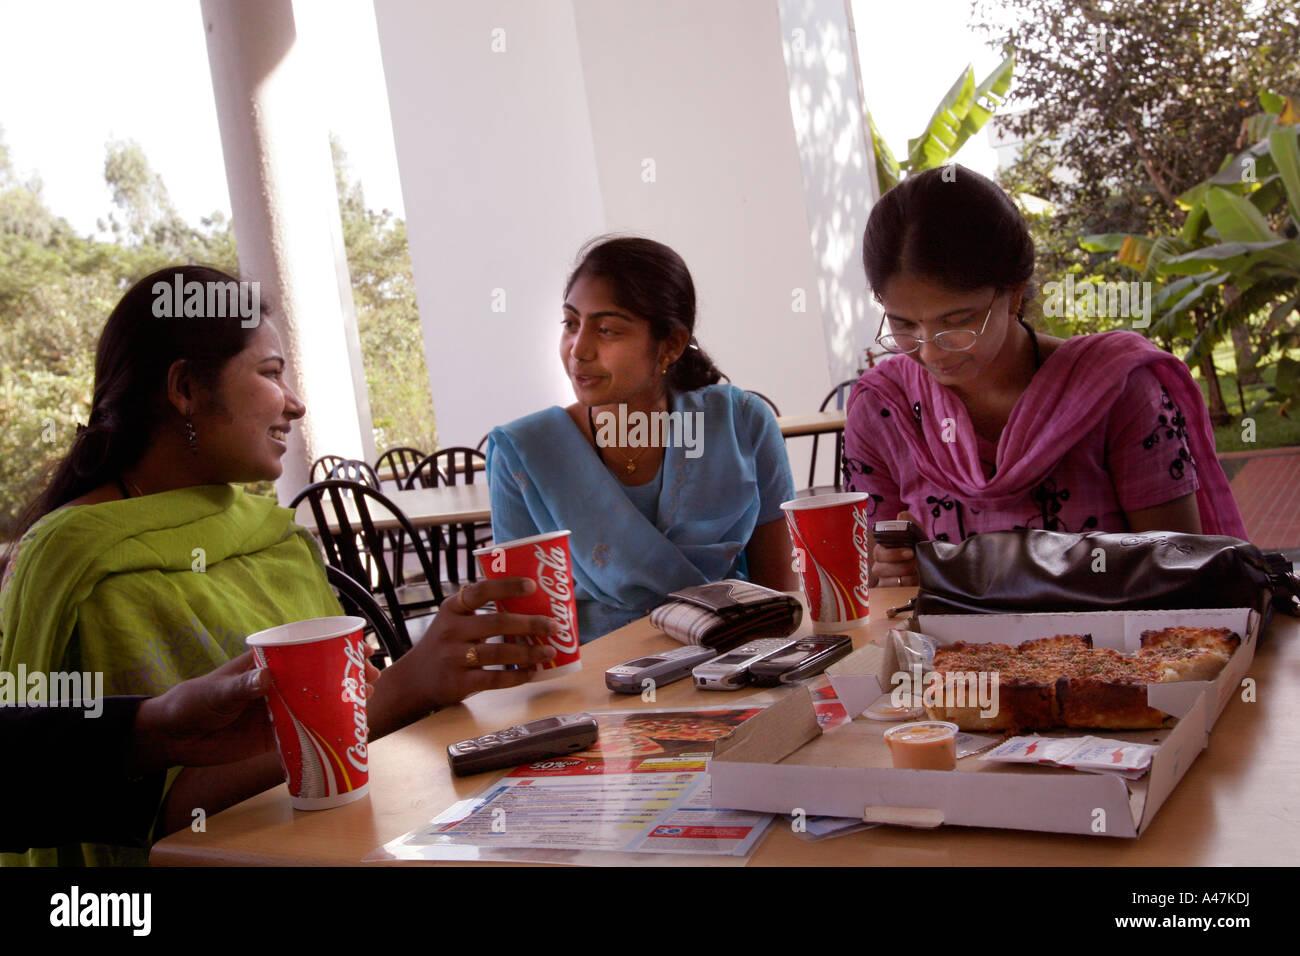 Les jeunes femmes indiennes qui travaille dans l'industrie pour Infosys mange fast food de l'ouest durant une pause-déjeuner à Bangalore en Inde Banque D'Images